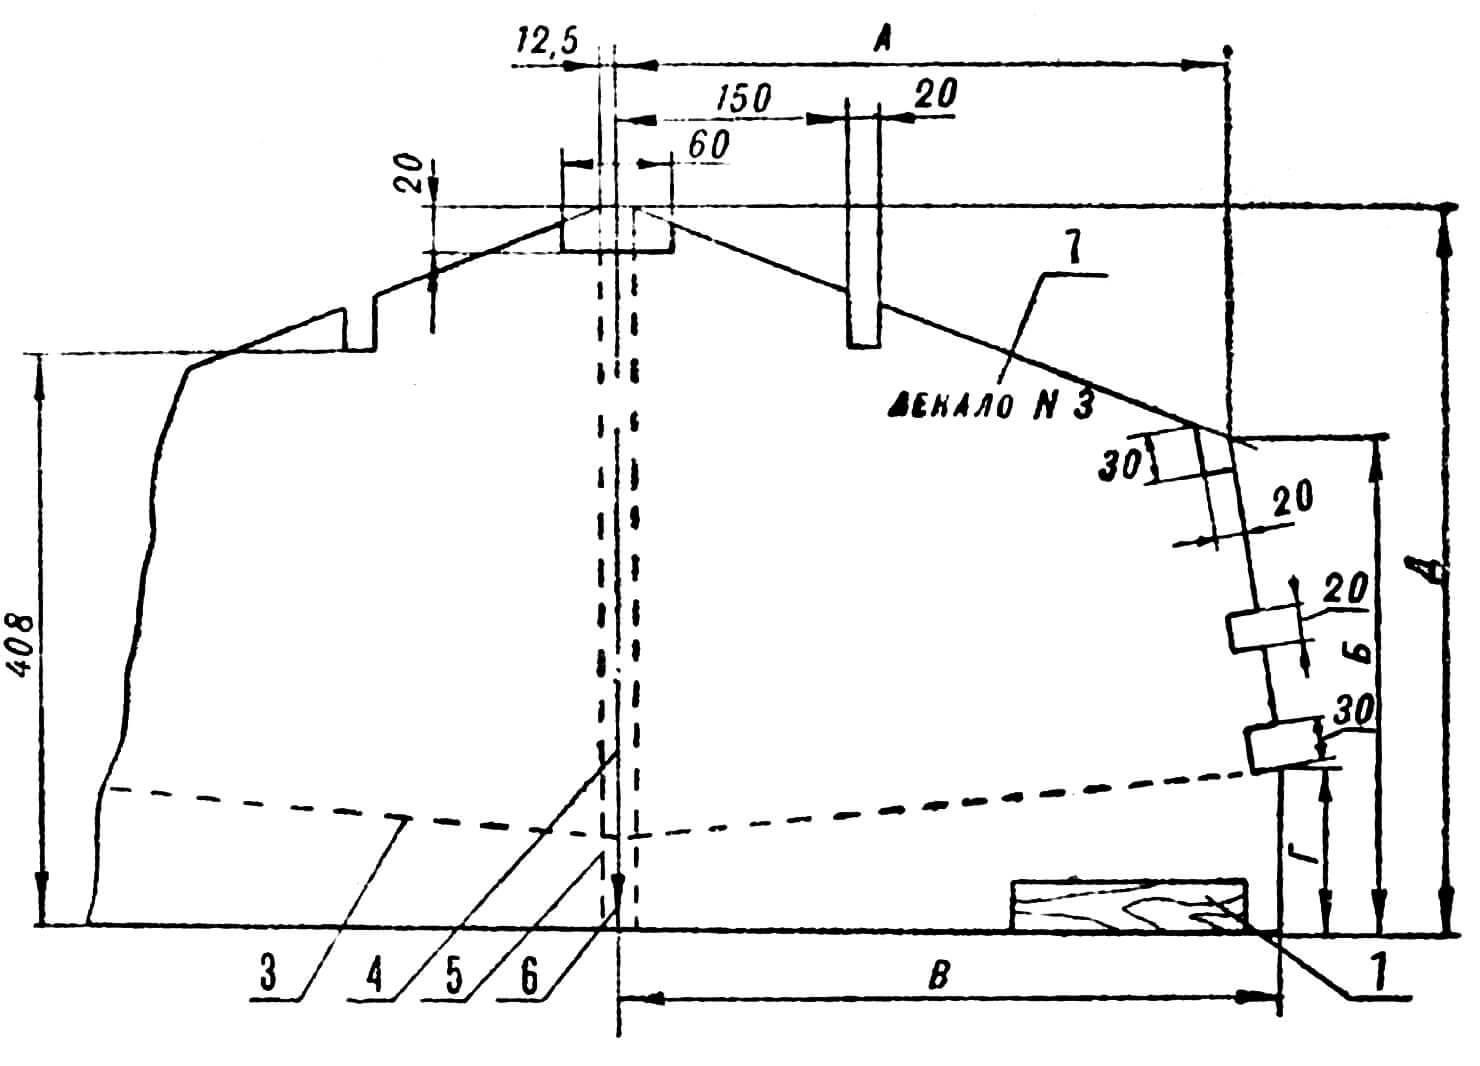 РИС. 2. ОБЩИЙ ВИД и РАЗМЕТКА ЛЕКАЛА: 1 — бобышки; 3 — палубная линия; 4 — диаметральная плоскость; 5 — вспомогательная линия; 6 — средняя засечка; 7 — маркировка.